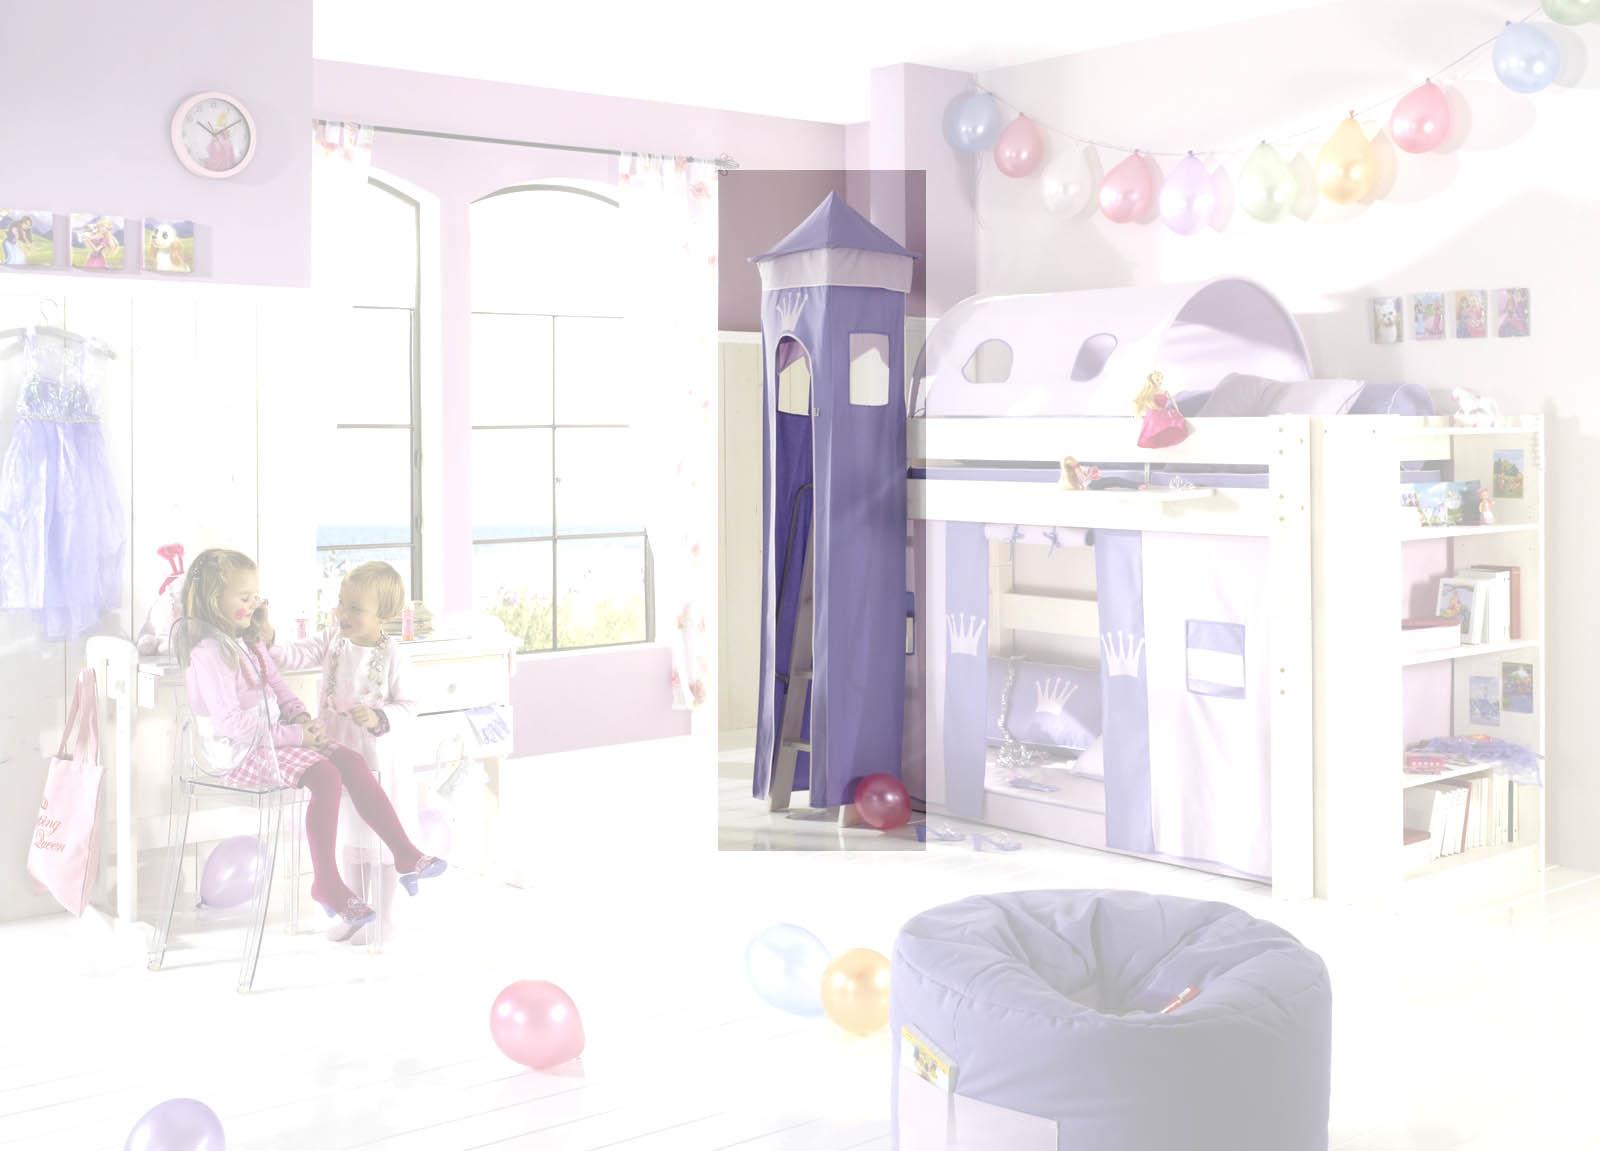 Dolphin Kinderzimmer Halbhochbett Lavendeltraum, Bild 5